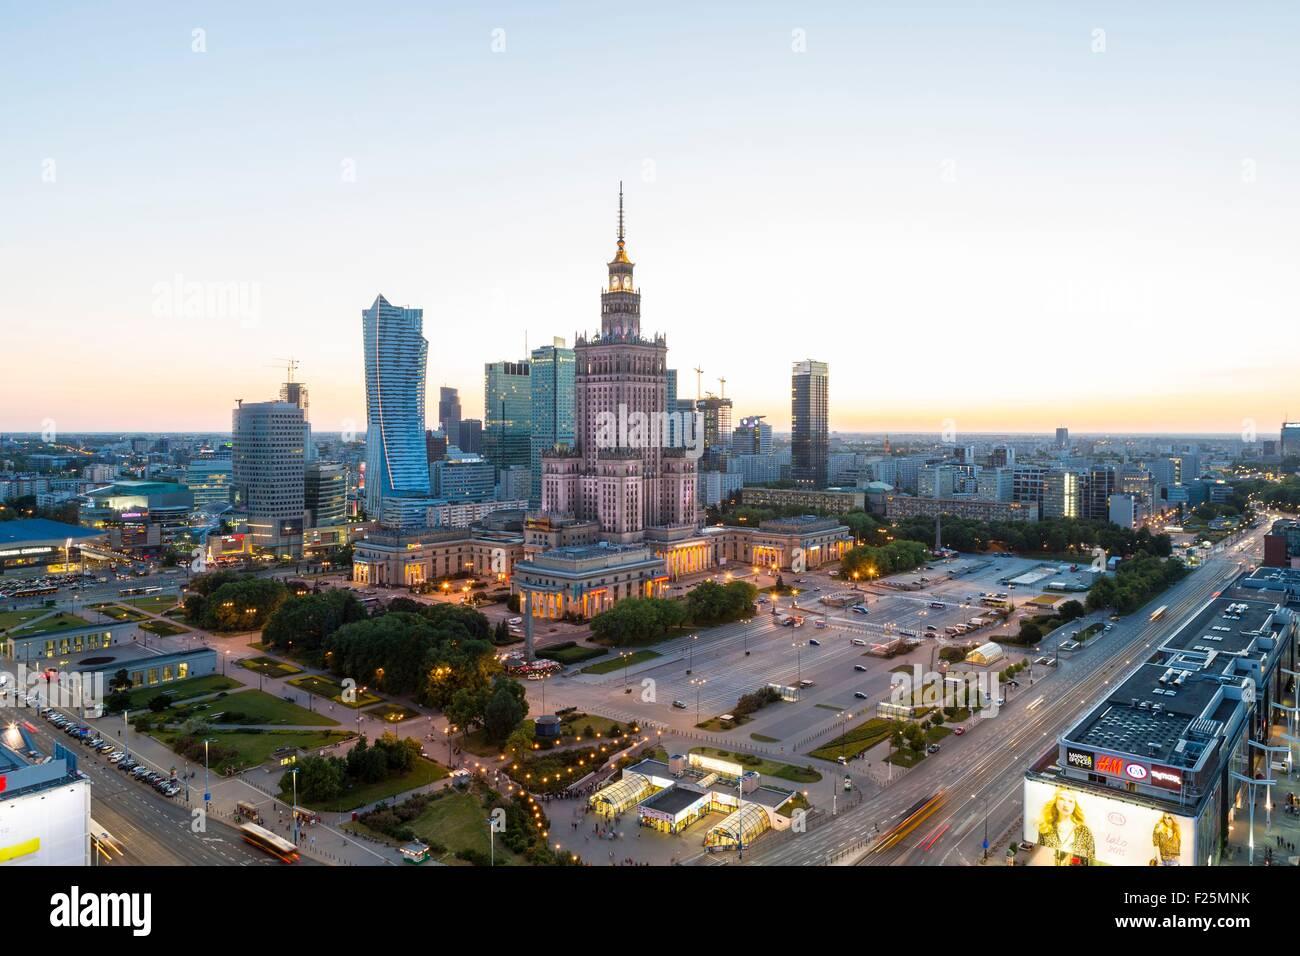 Polen, Region Masowien, Warschau Finanzplatz und Palast der Kultur und Wissenschaft Stockbild